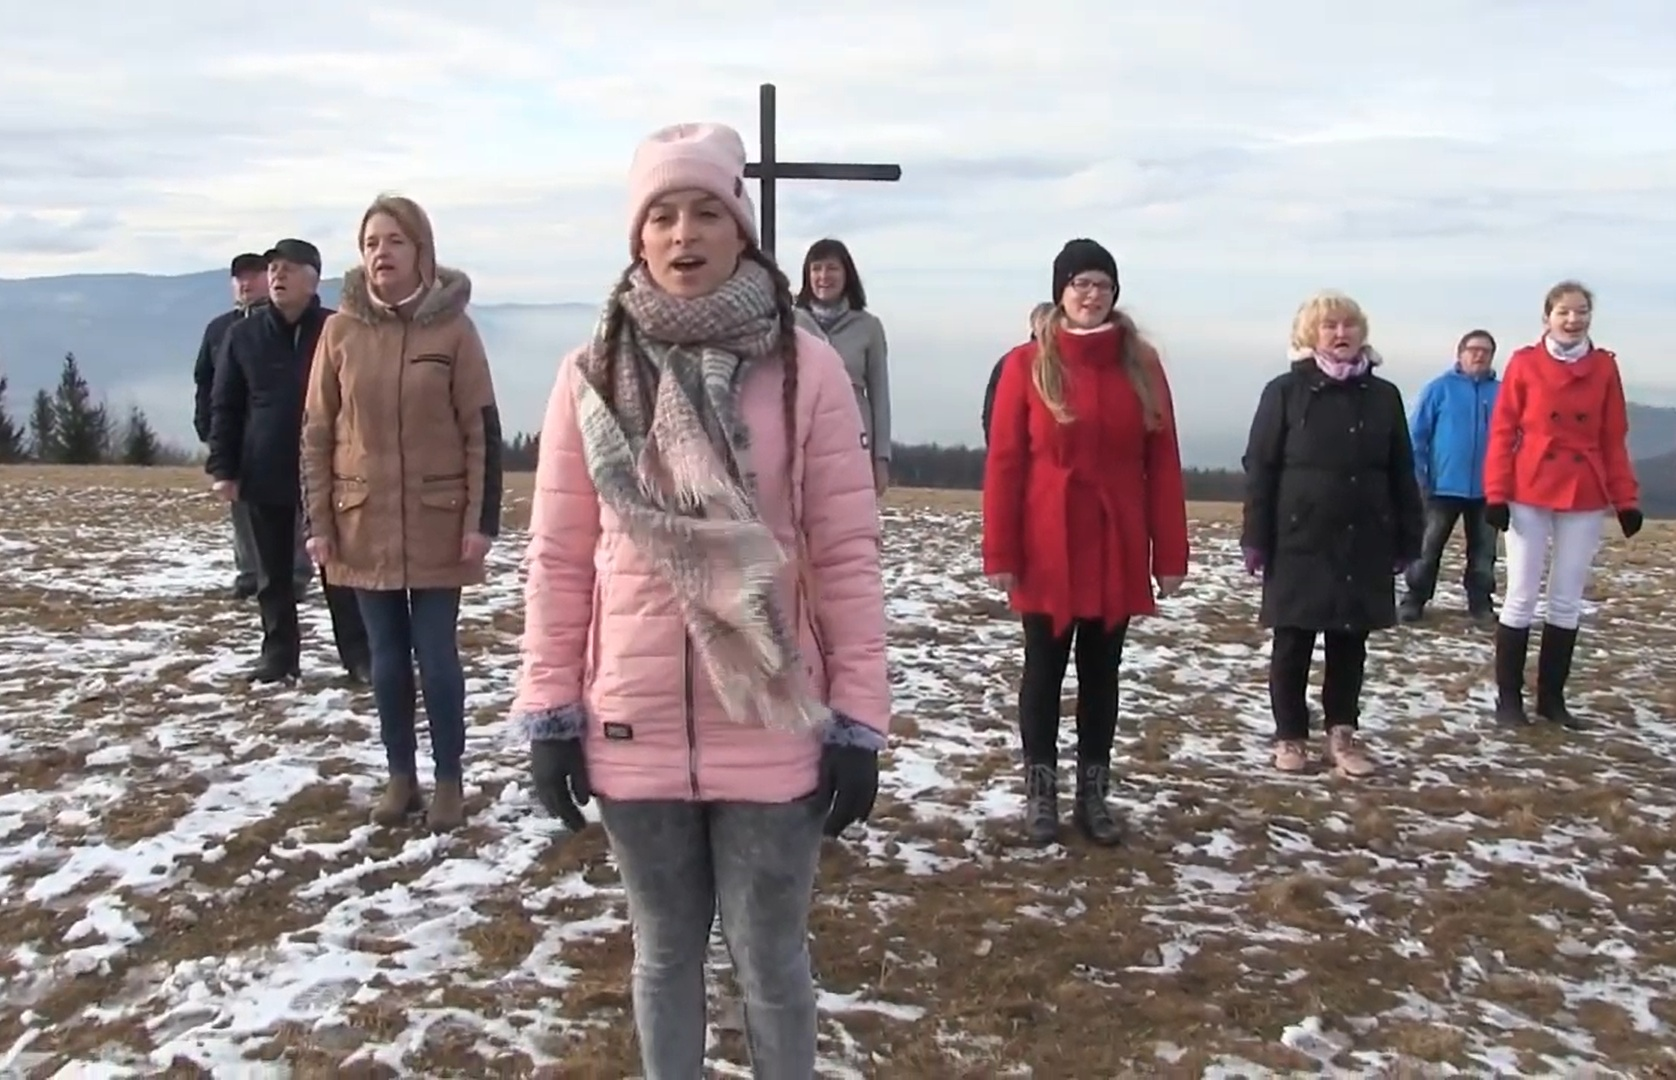 Zobaczcie klip do piosenki Białe Święta przygotowany przez chór ewangelicki z Nawsia